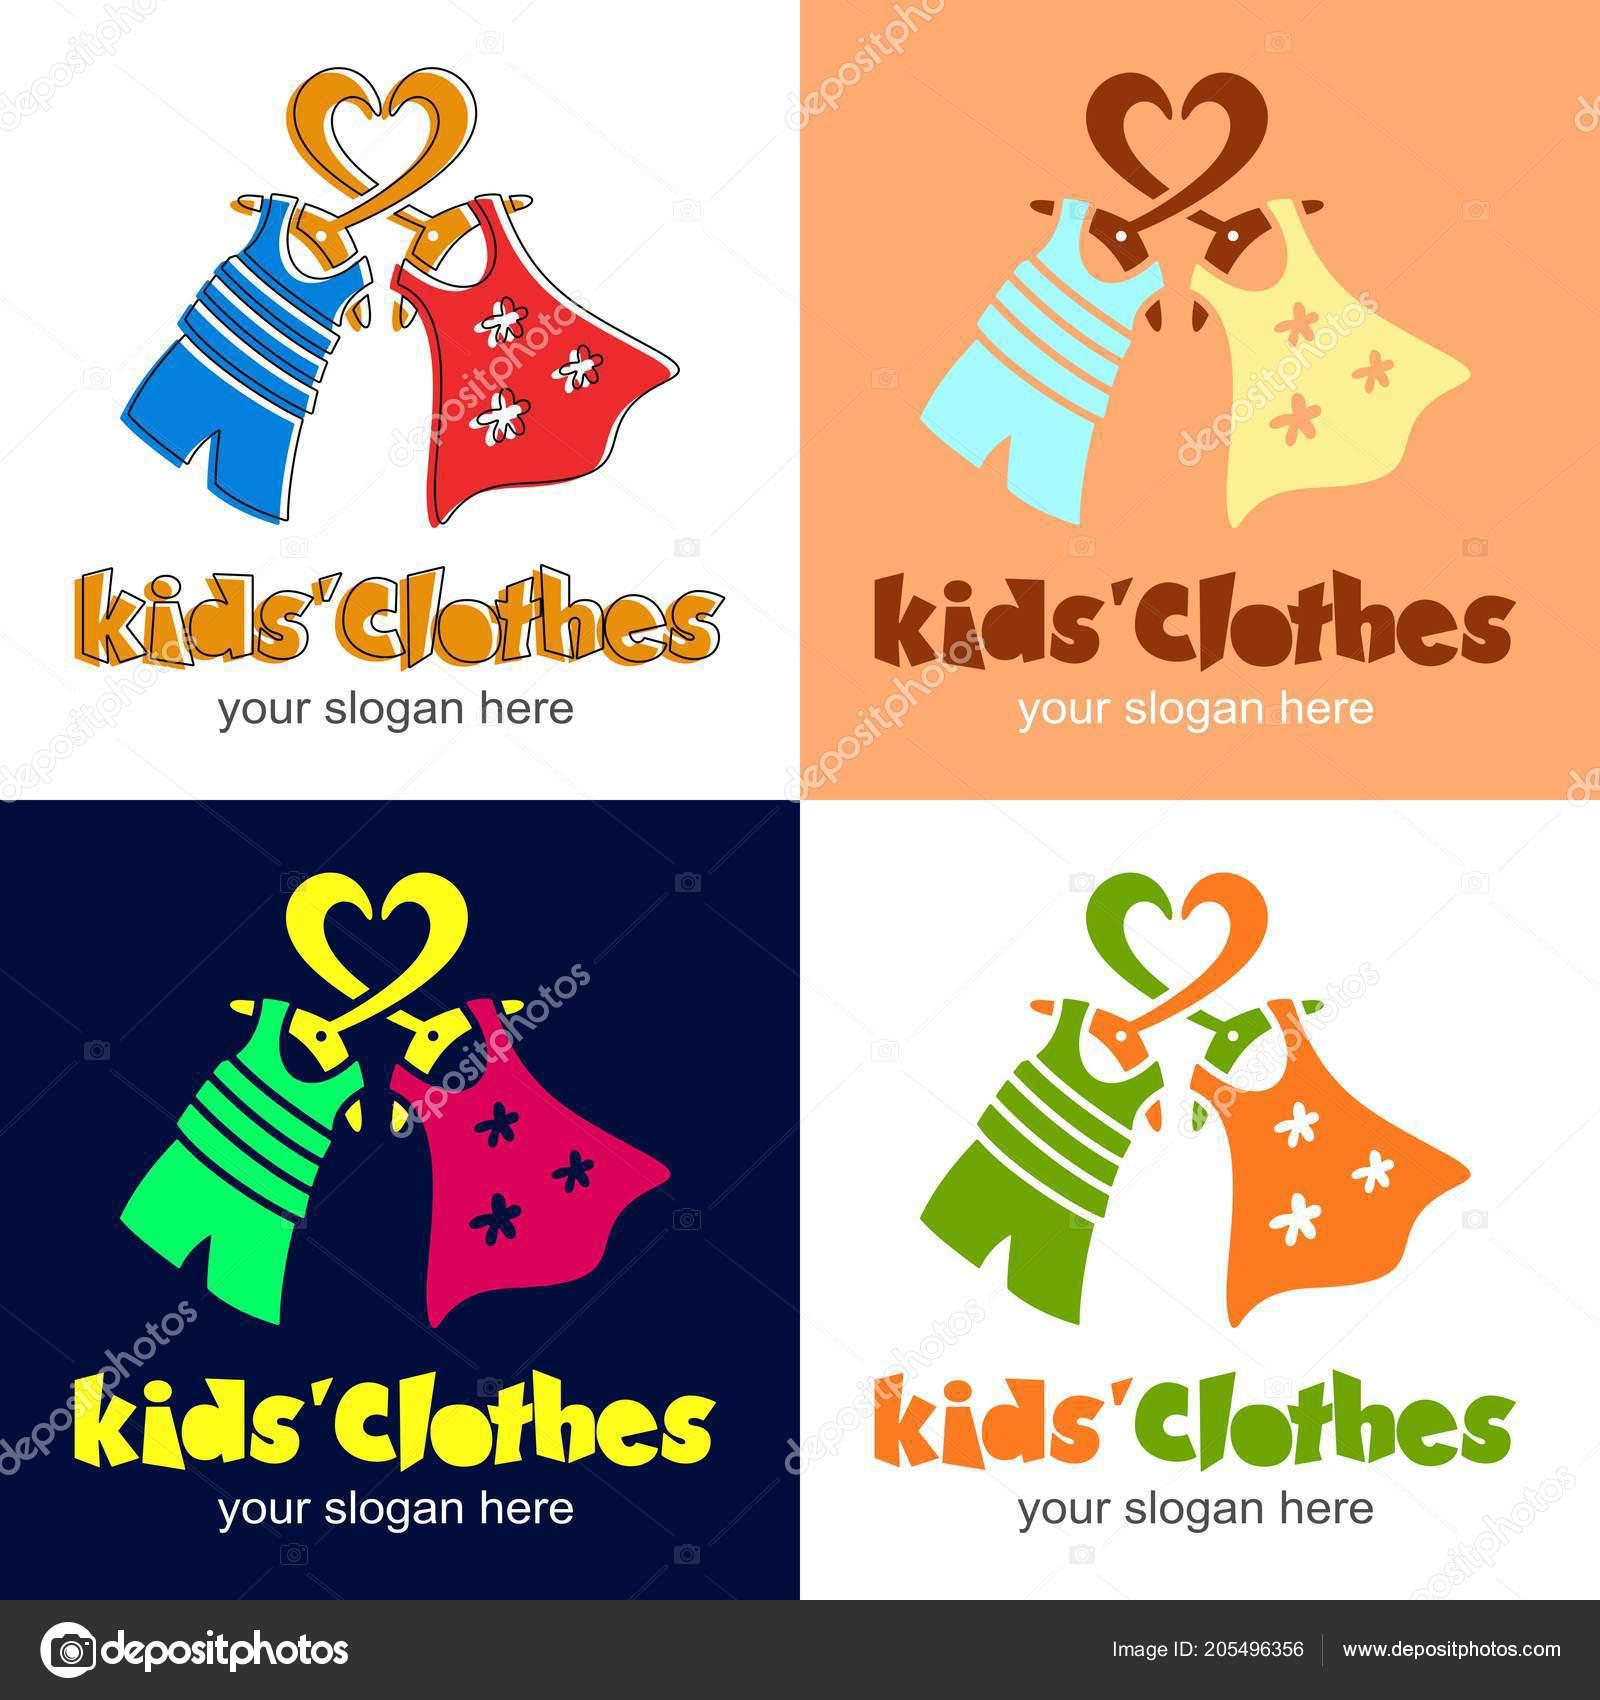 e1fc90de9d059 Vêtements d'enfants. Logo avec le cœur, cintre, robe pour fille, t-shirt et  Short pour garçon. Logo ou l'icône pour boutique, magasin, marché avec  enfants ...